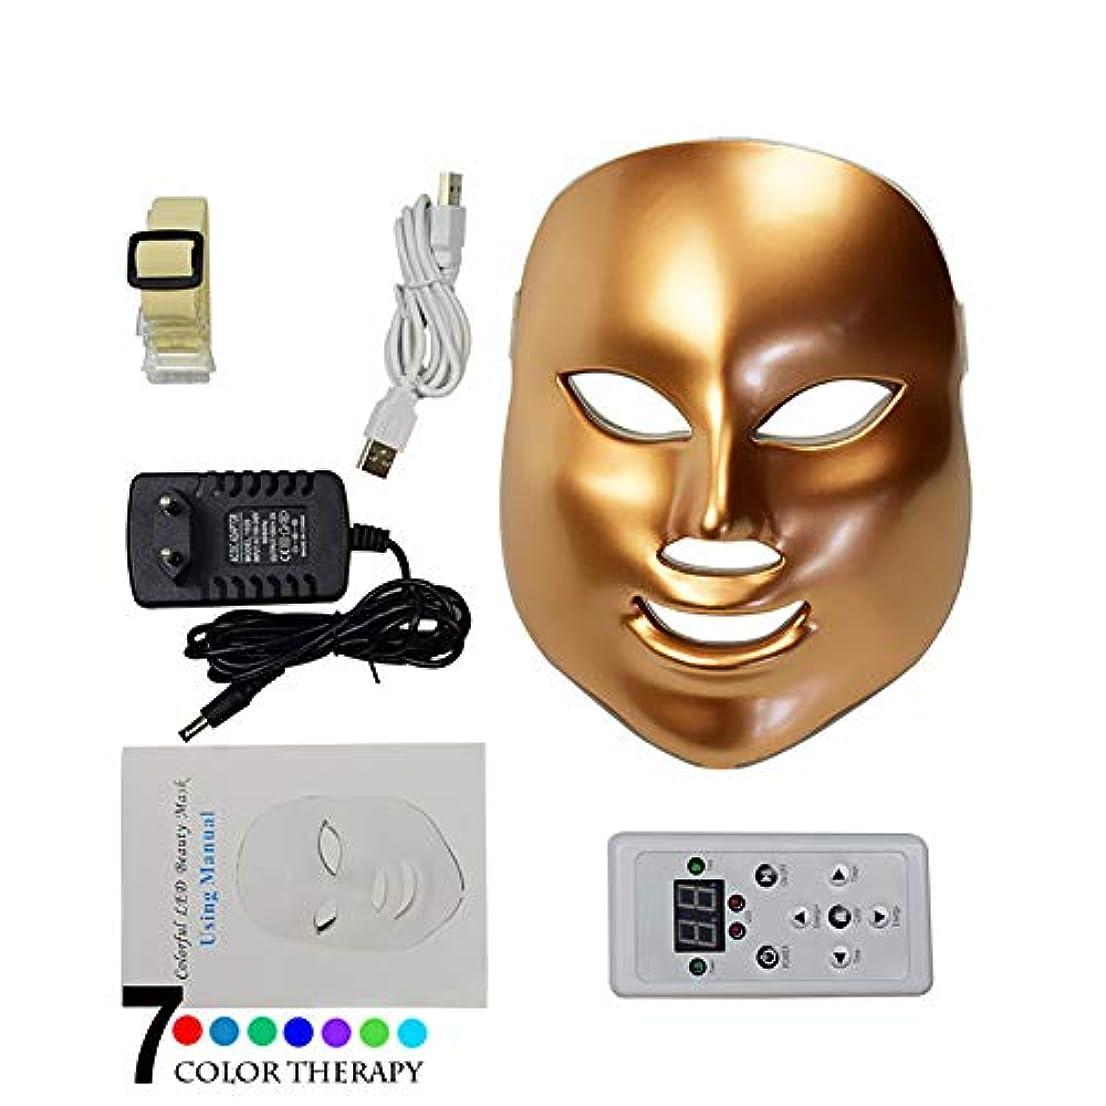 好意熟読信頼できる7色LEDフェイスマスク、7色LEDスキン光線療法器具、健康的な肌の若返りのためのレッドライトセラピー、アンチエイジング、しわ、瘢痕化,Gold